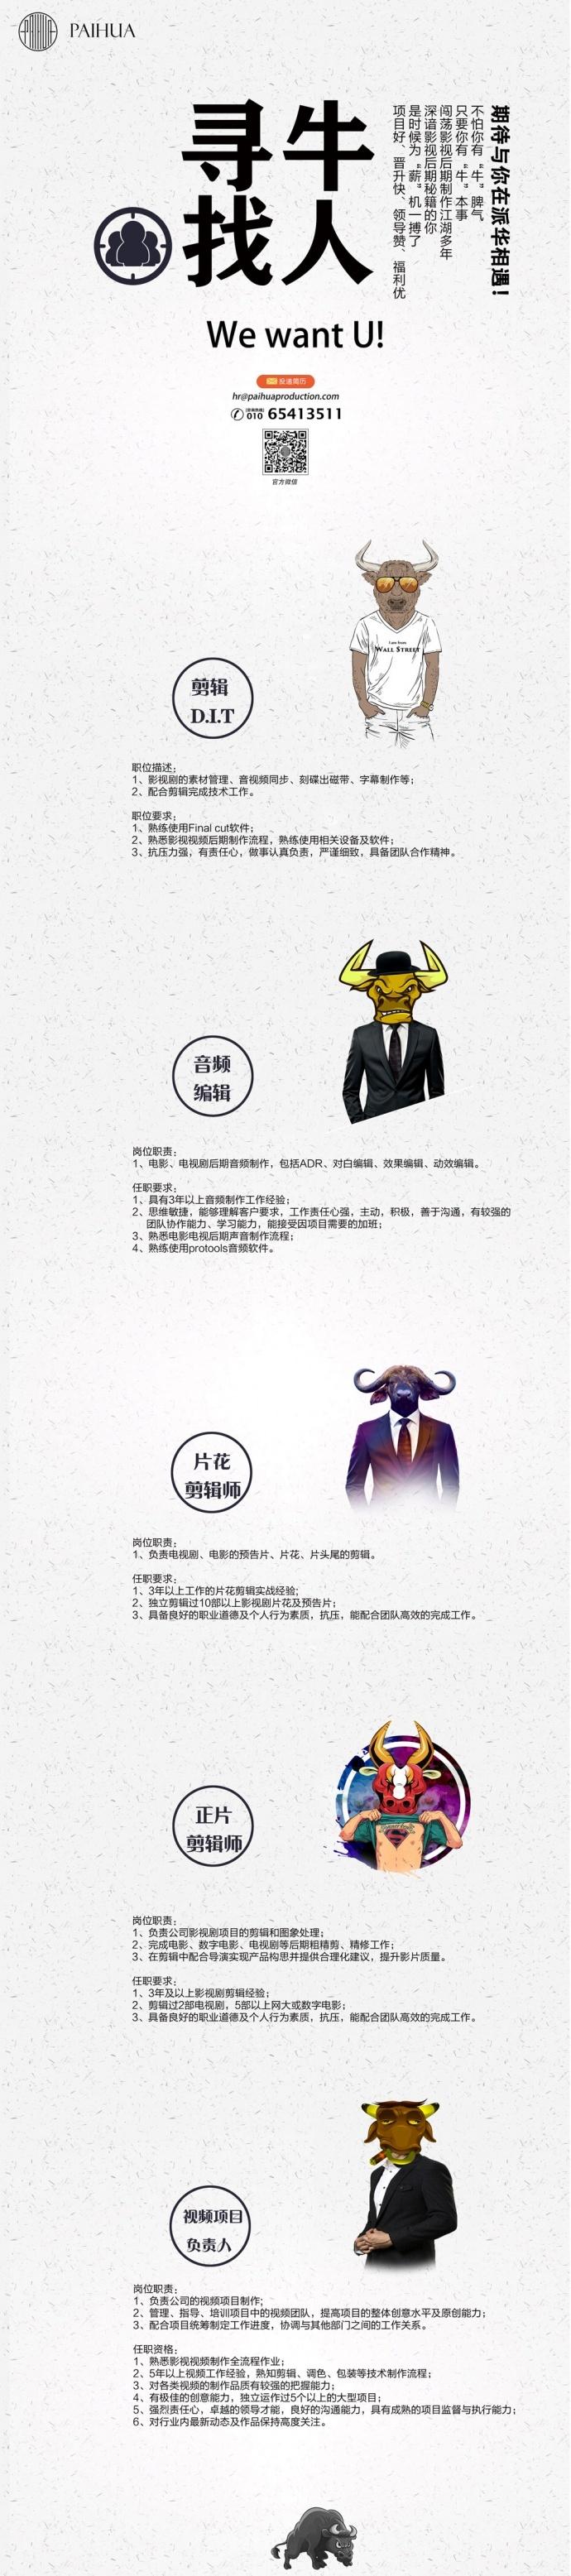 """派华传媒︱寻找""""牛人"""""""